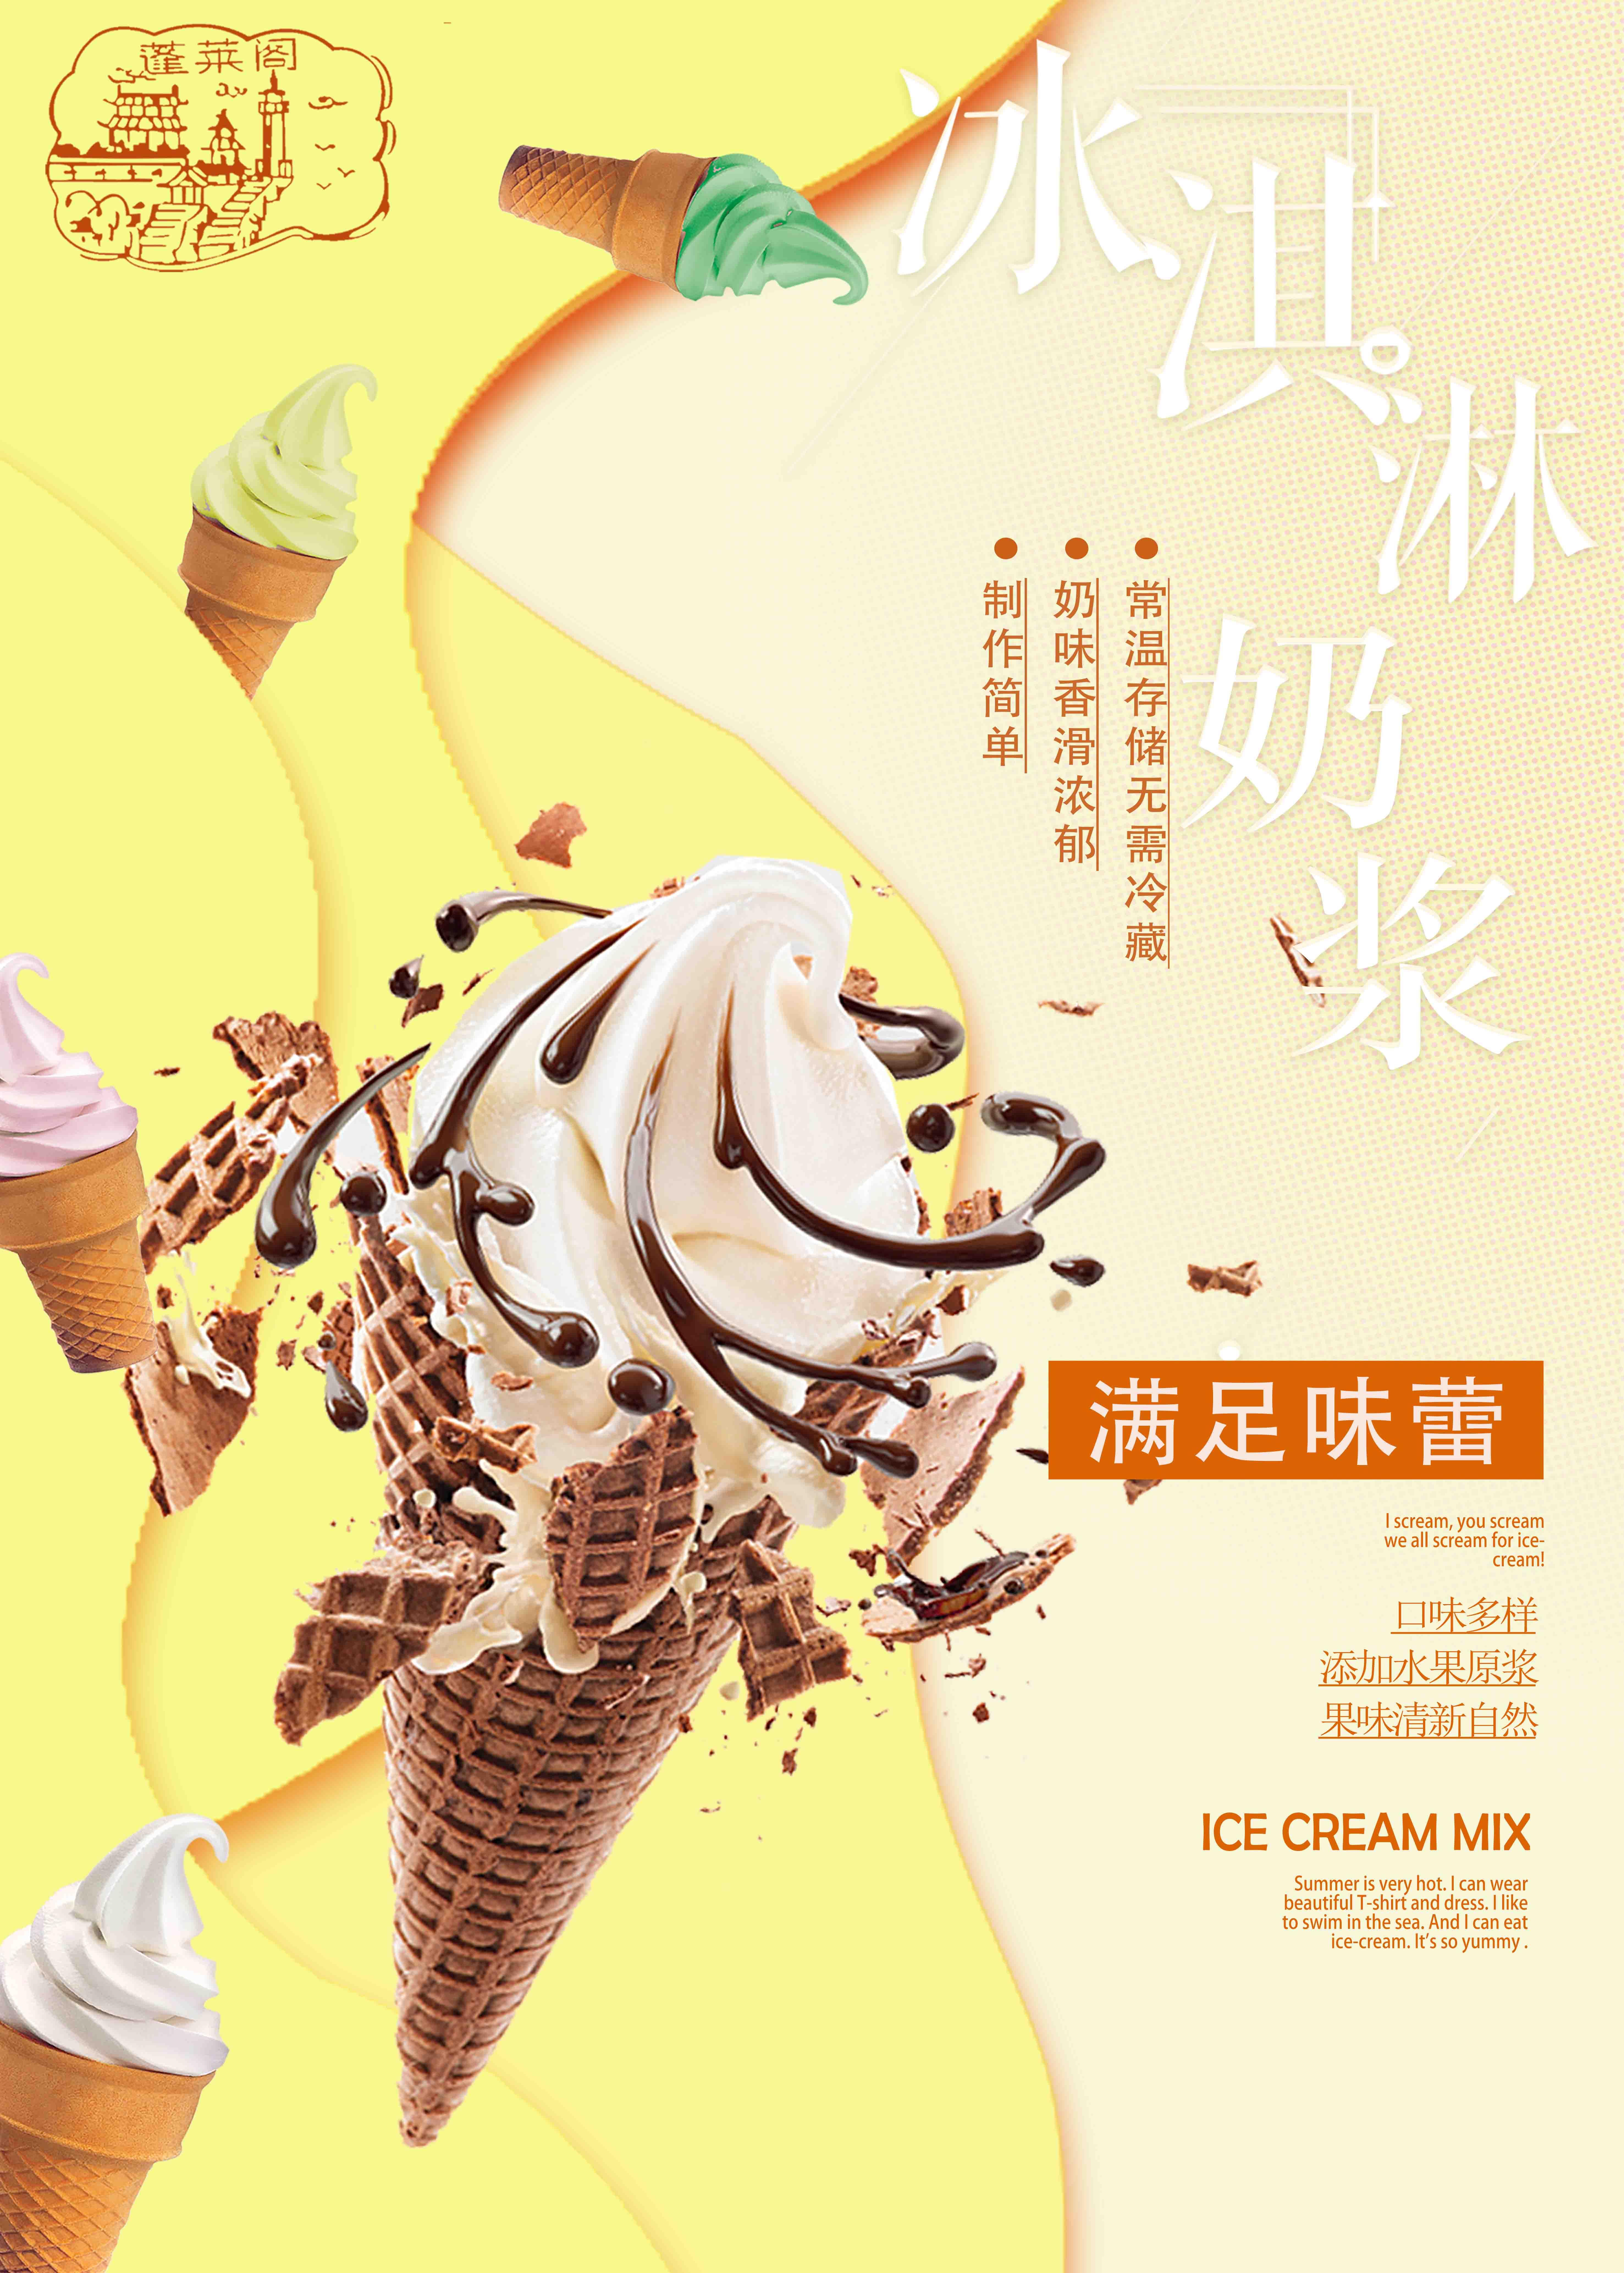 冰淇淋奶浆